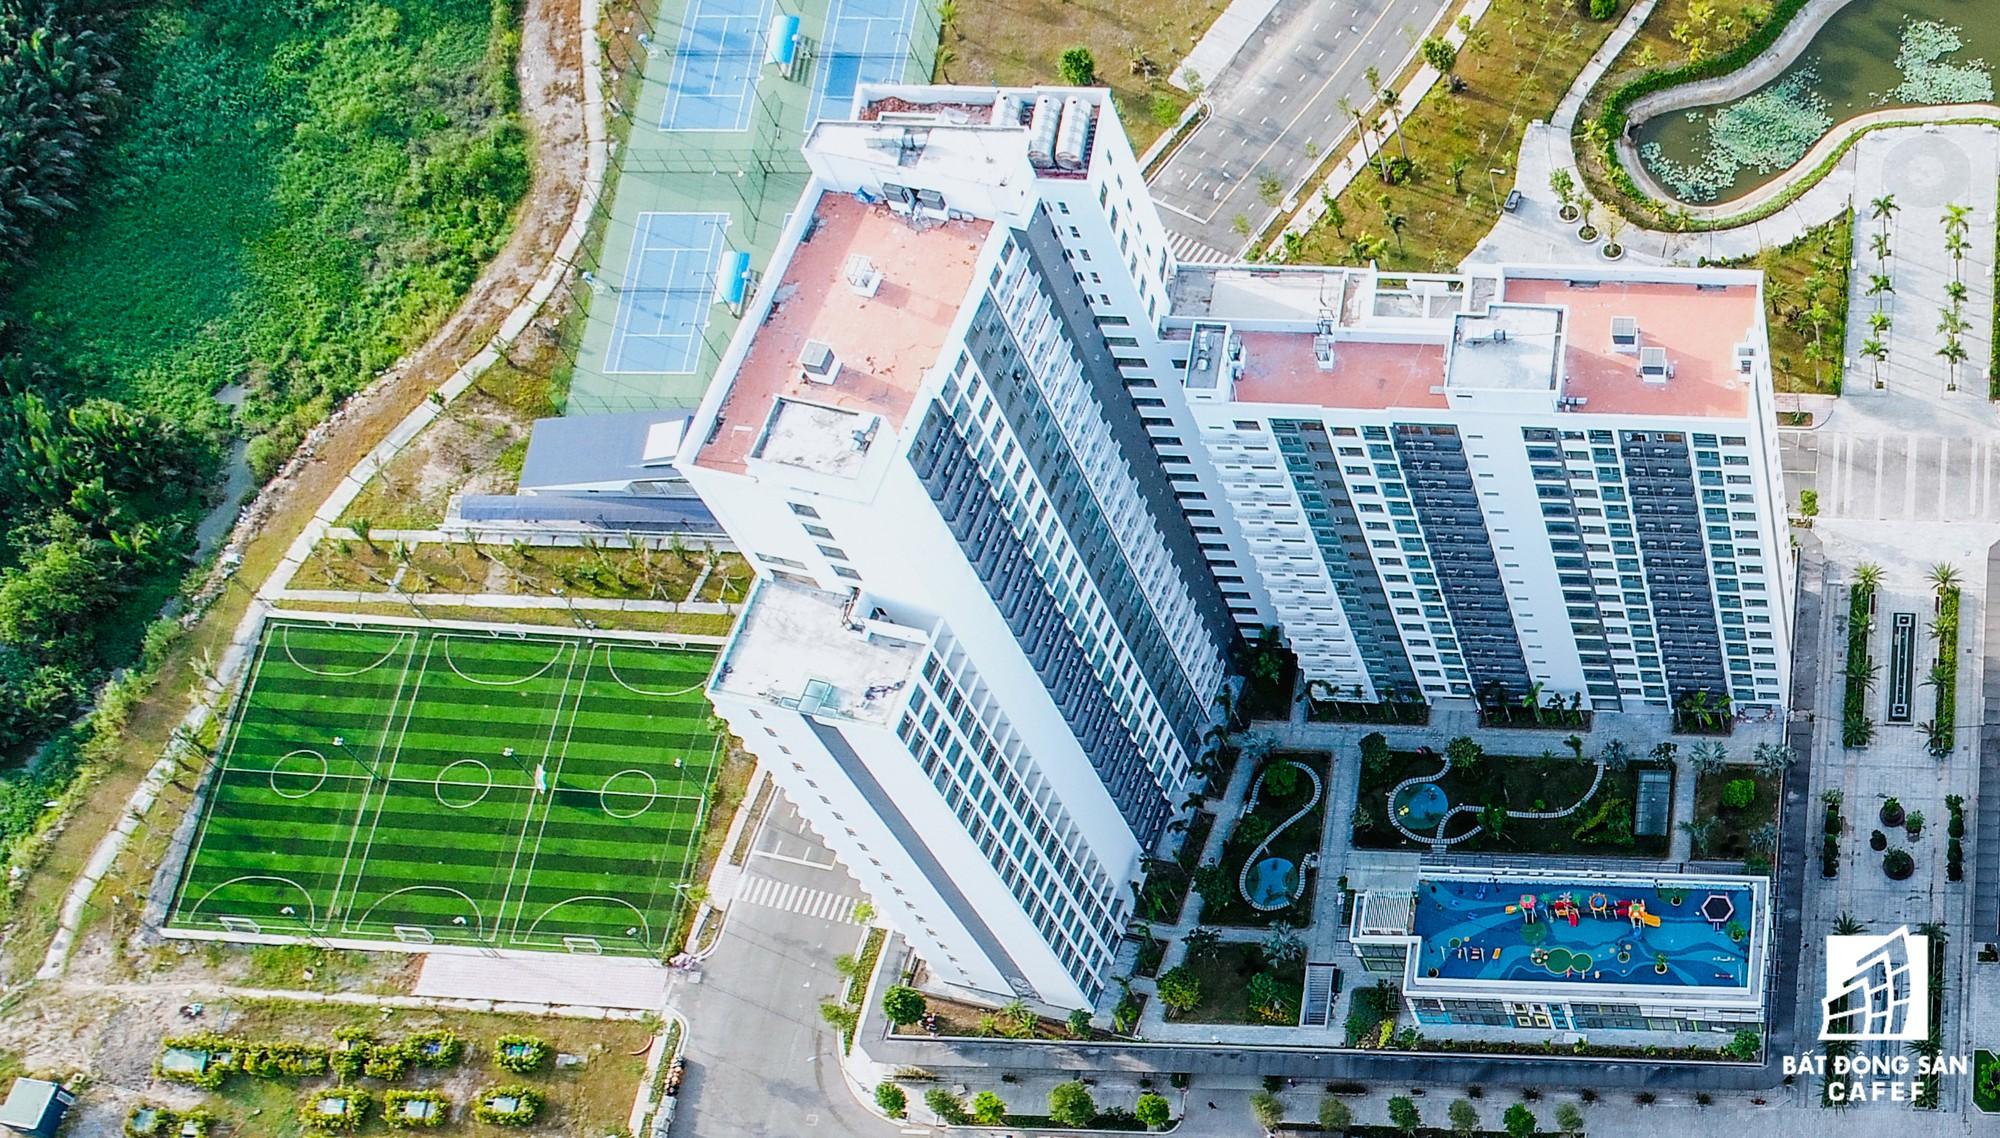 Toàn cảnh khu tái định cư đồ sộ nhất TPHCM, chục nghìn căn hộ không ai ở, bán đấu giá nhiều lần thất bại - Ảnh 19.